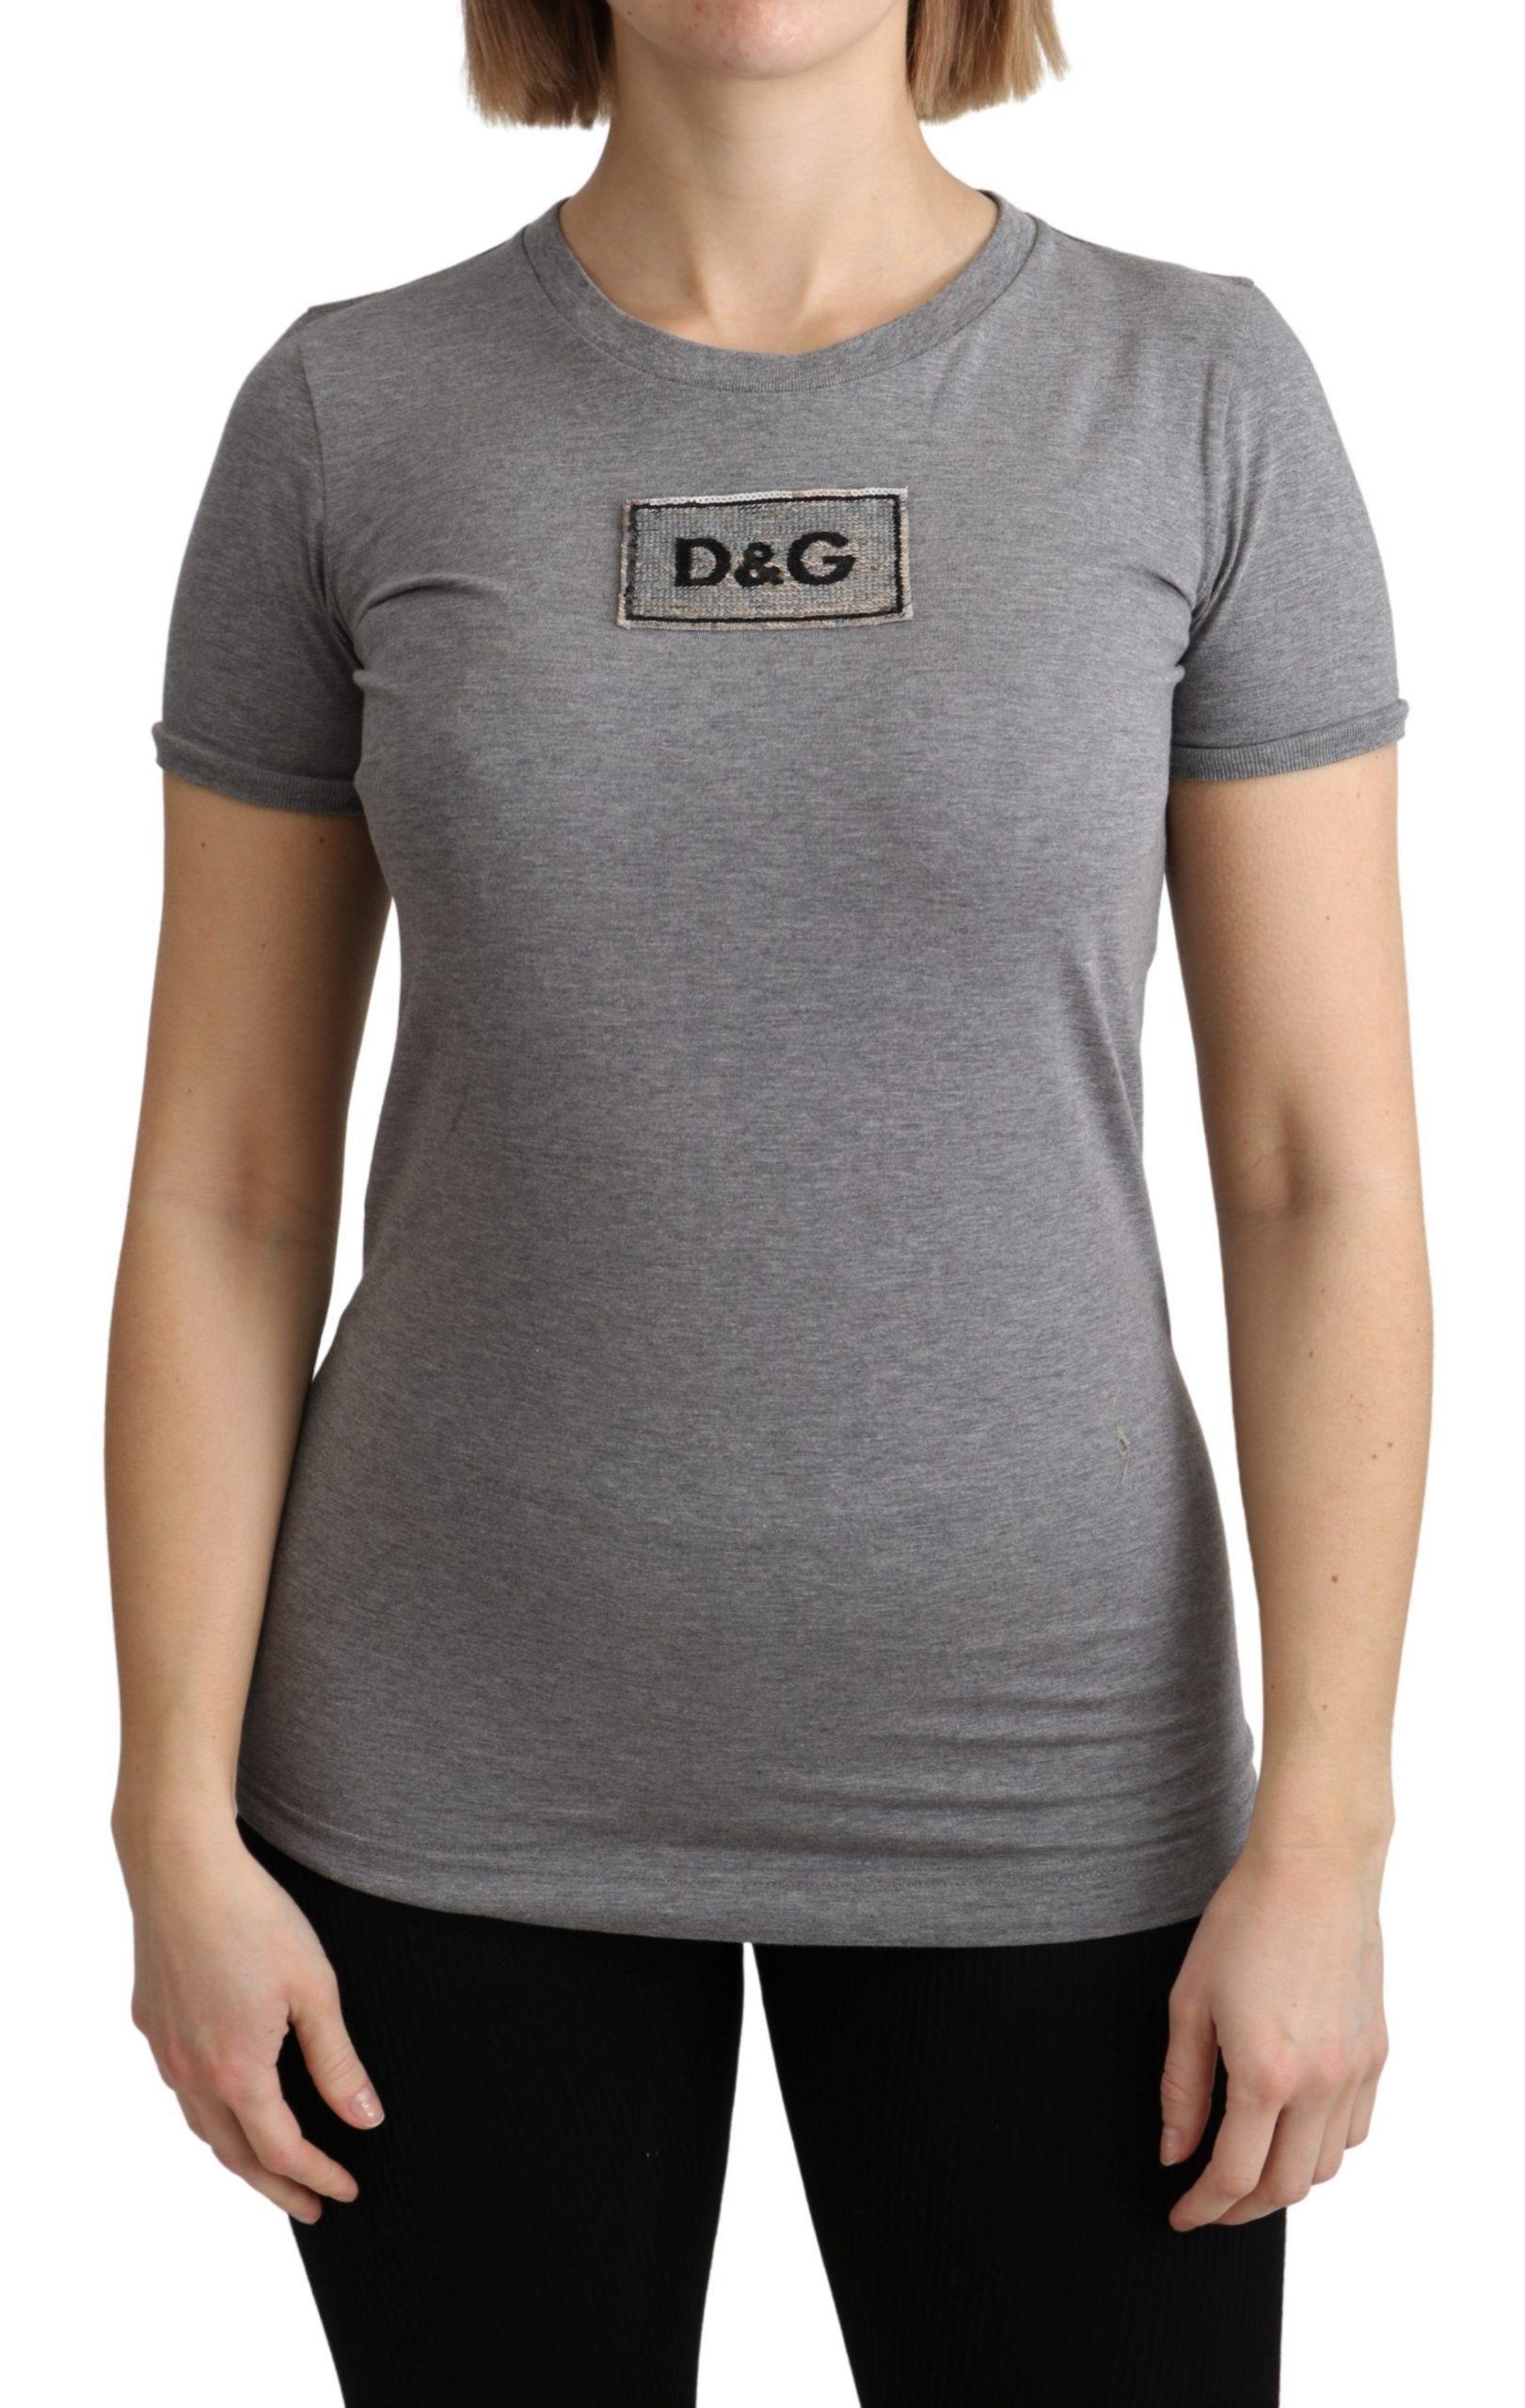 Dolce & Gabbana Women's Cotton Logo Crewneck Top Gray TSH4874 - IT36   XS